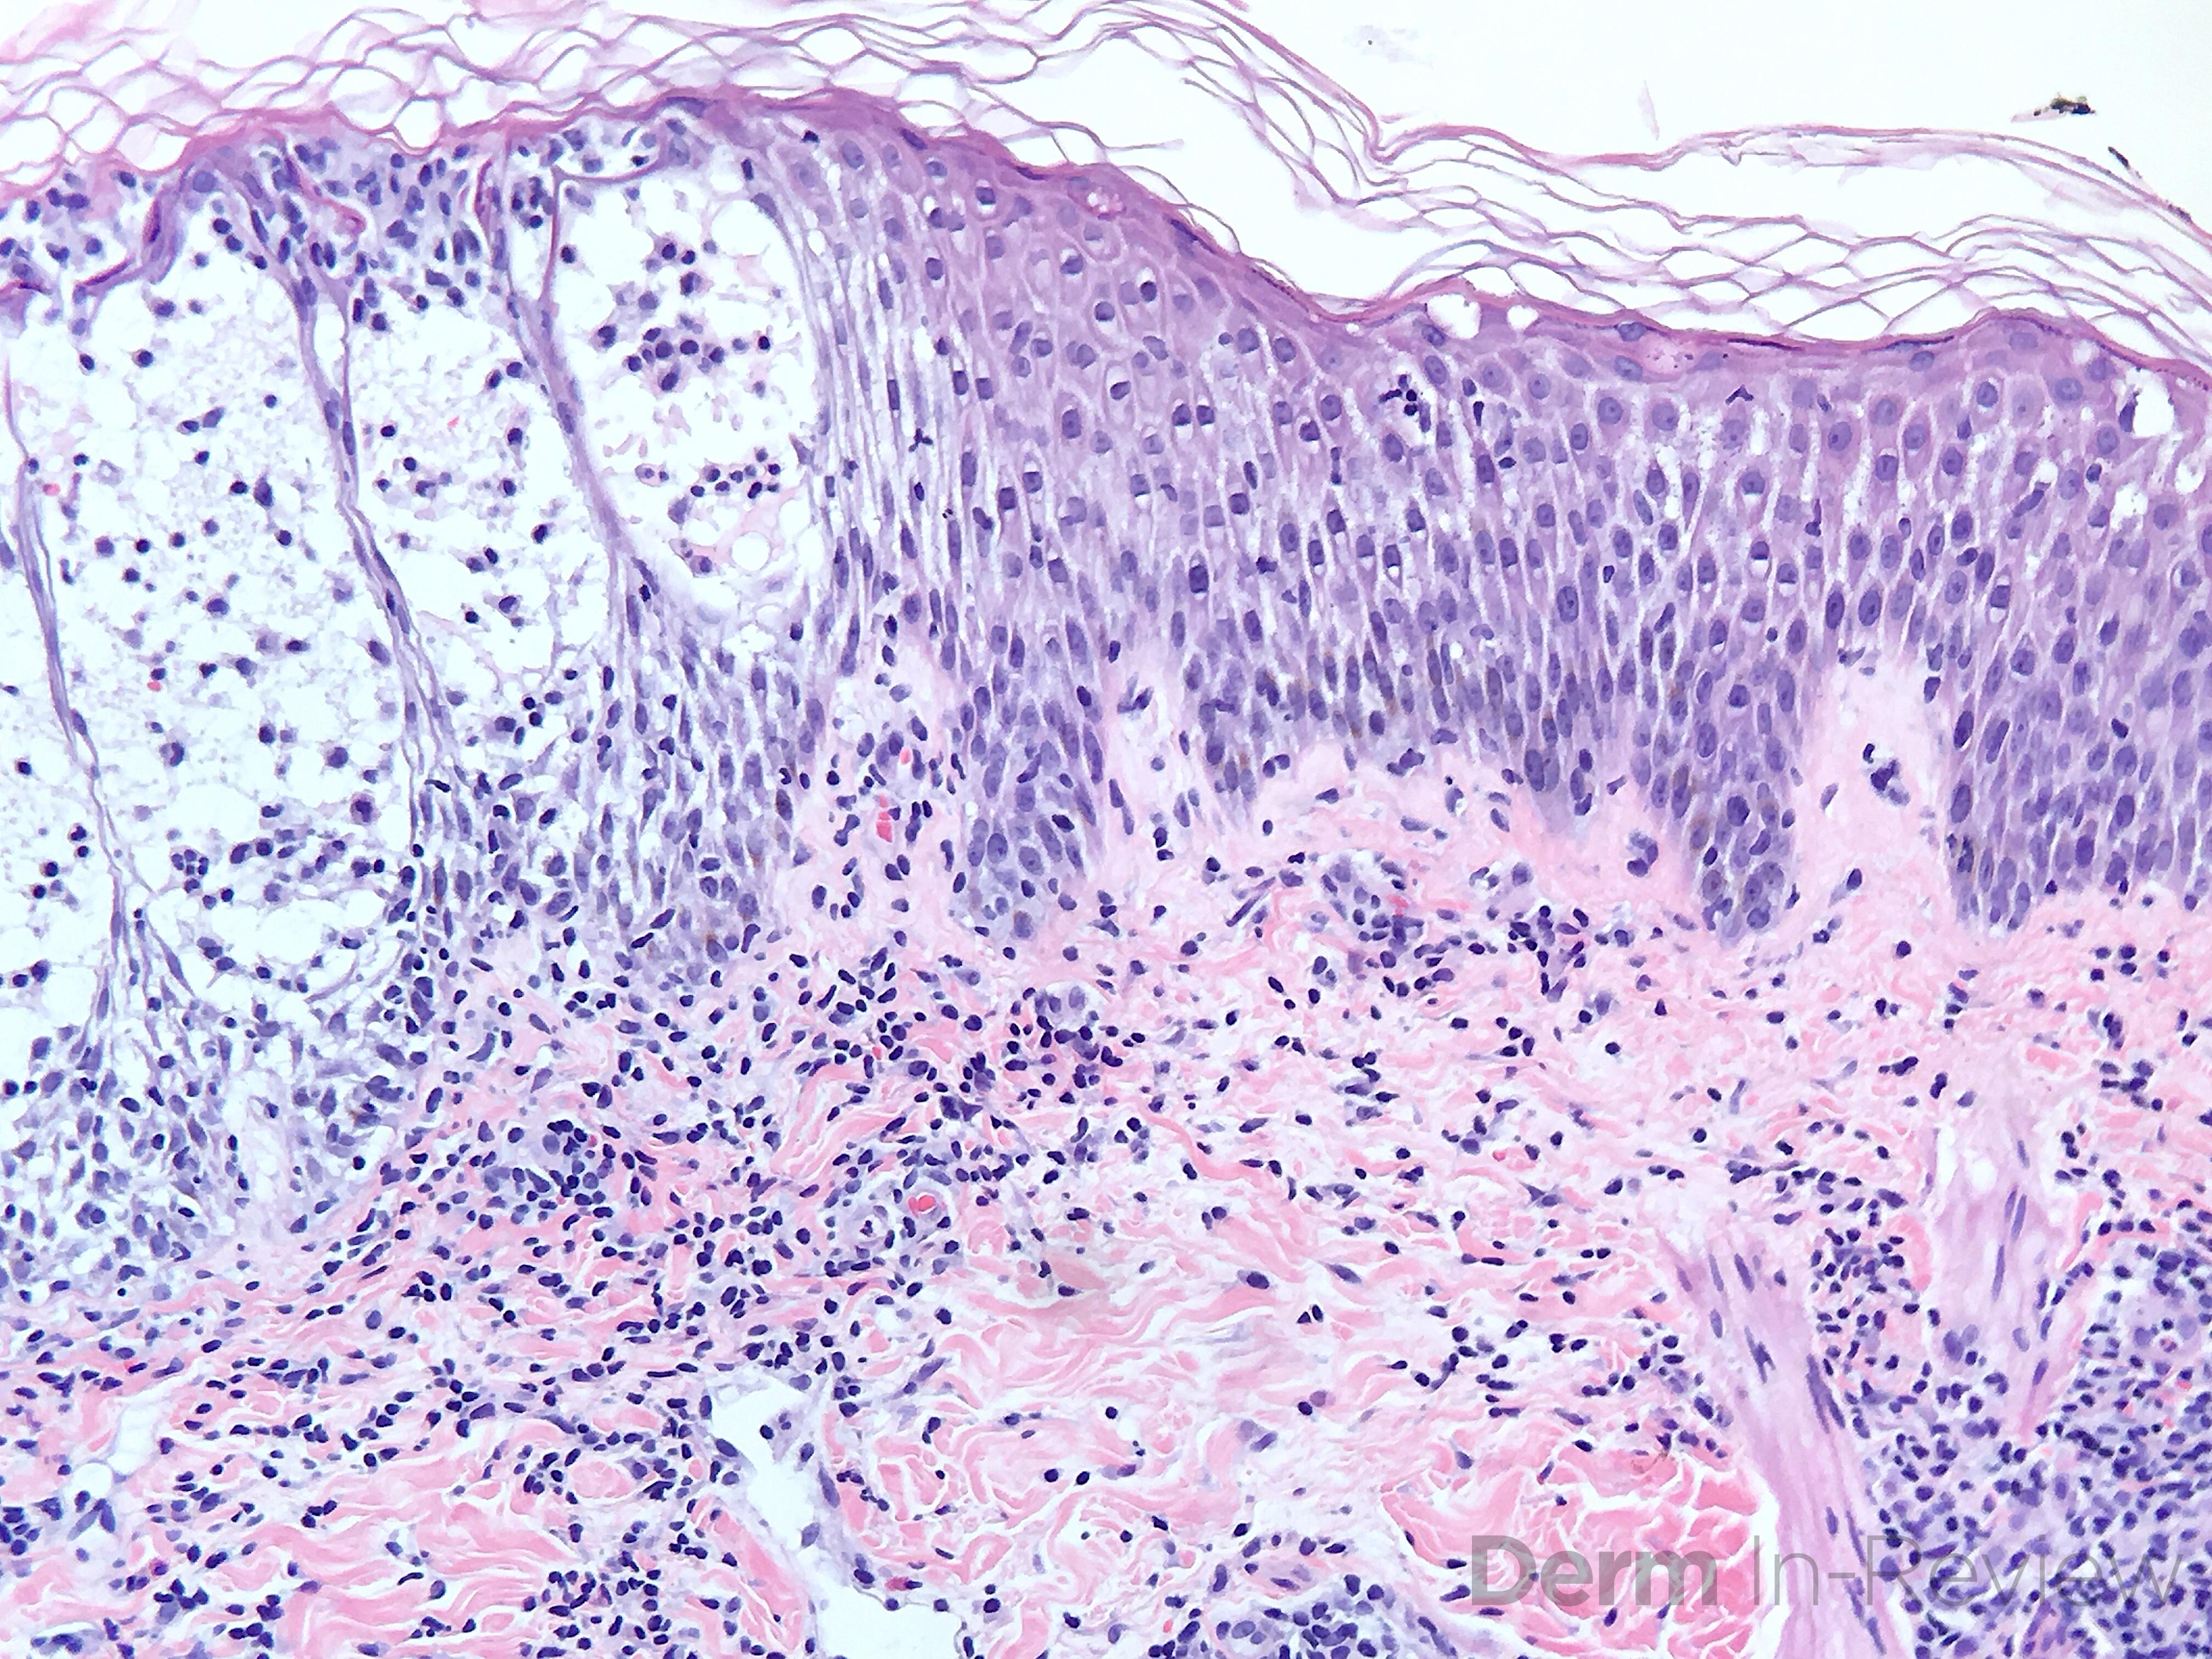 Figure 5.3.7 Spongiotic dermatitis.